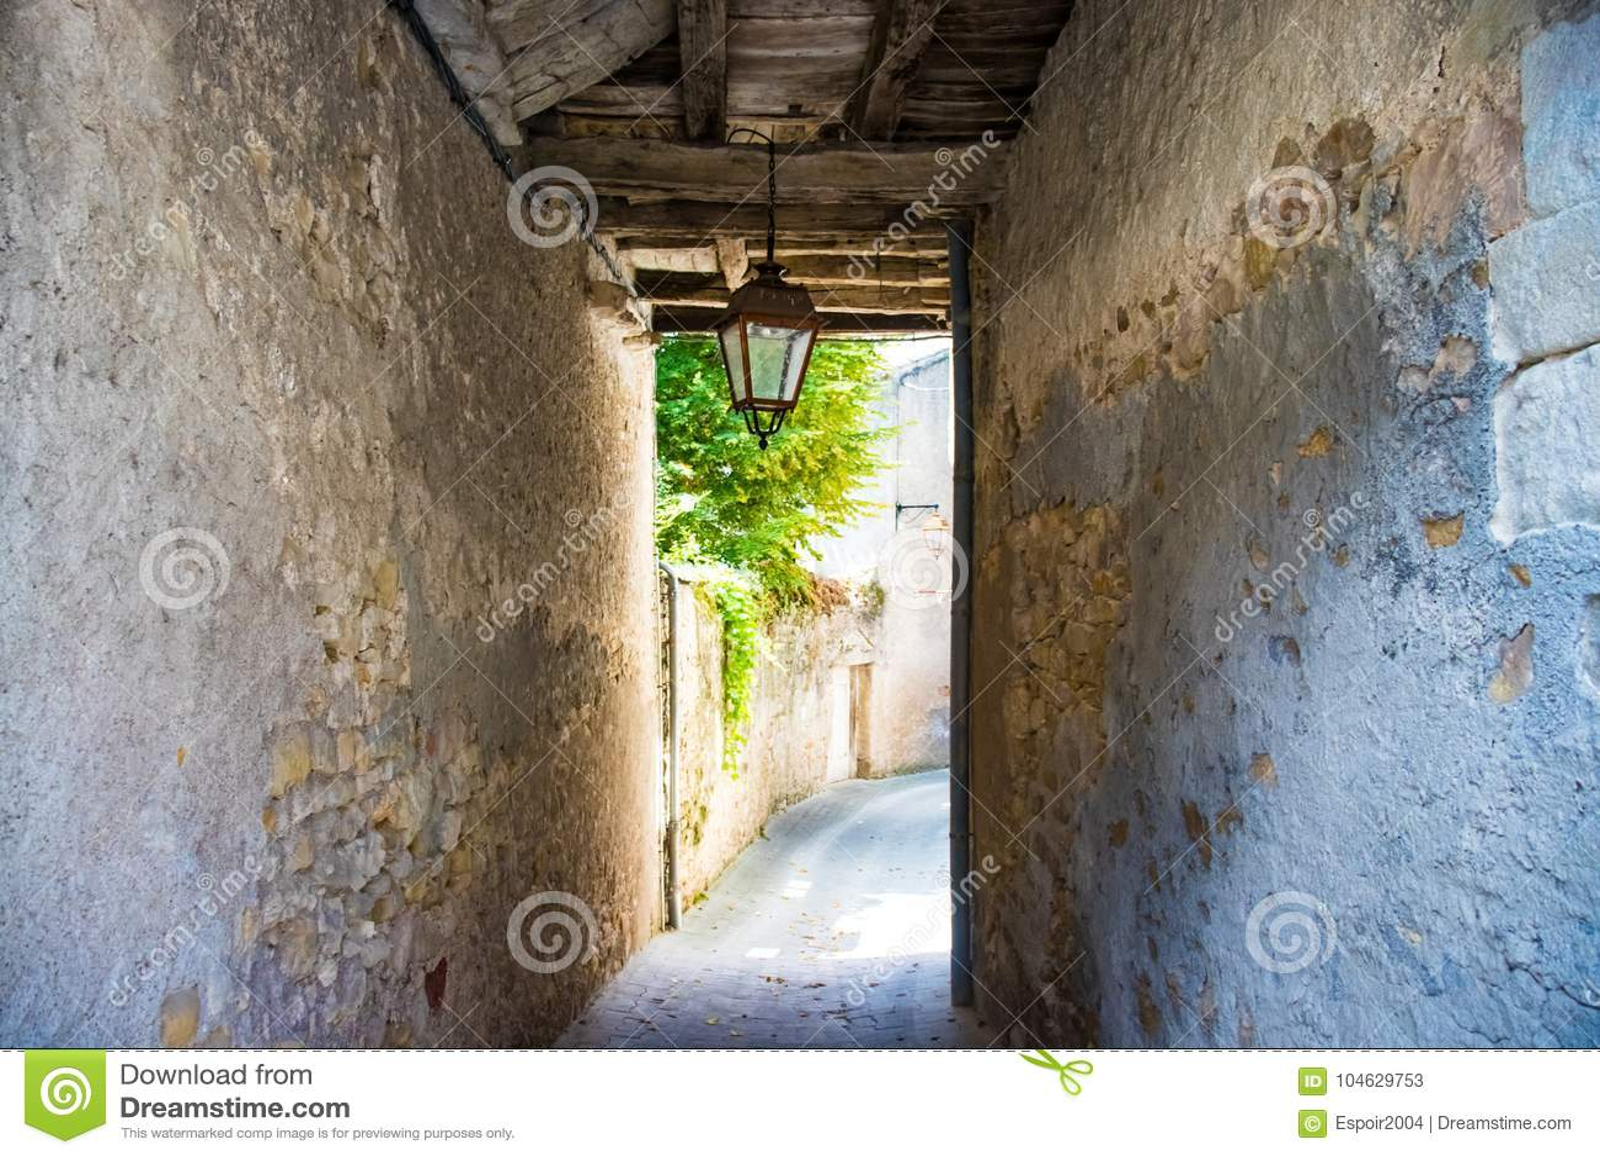 Download Passage In Een Smalle Oude Straat Met Houten Stralen Stock Afbeelding - Afbeelding bestaande uit toerisme, lantaarn: 104629753